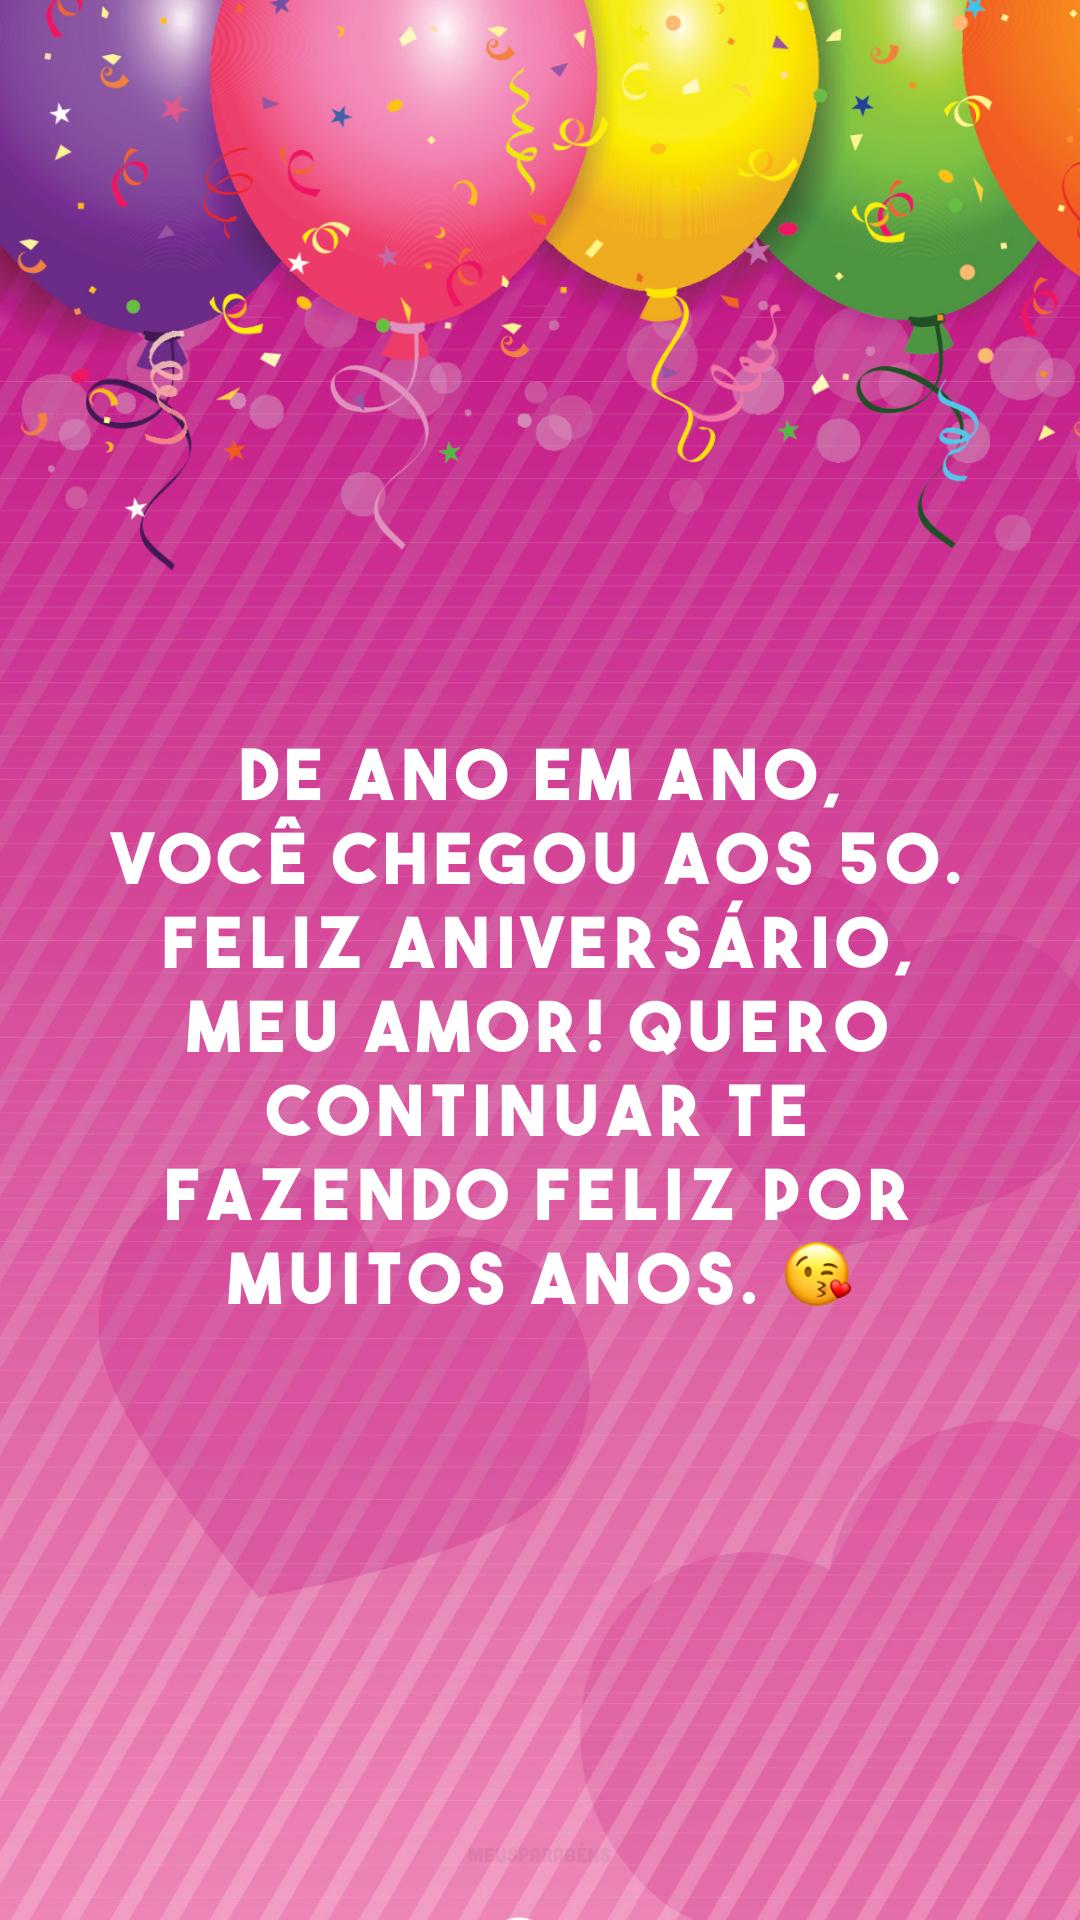 De ano em ano, você chegou aos 50. Feliz aniversário, meu amor! Quero continuar te fazendo feliz por muitos anos. 😘